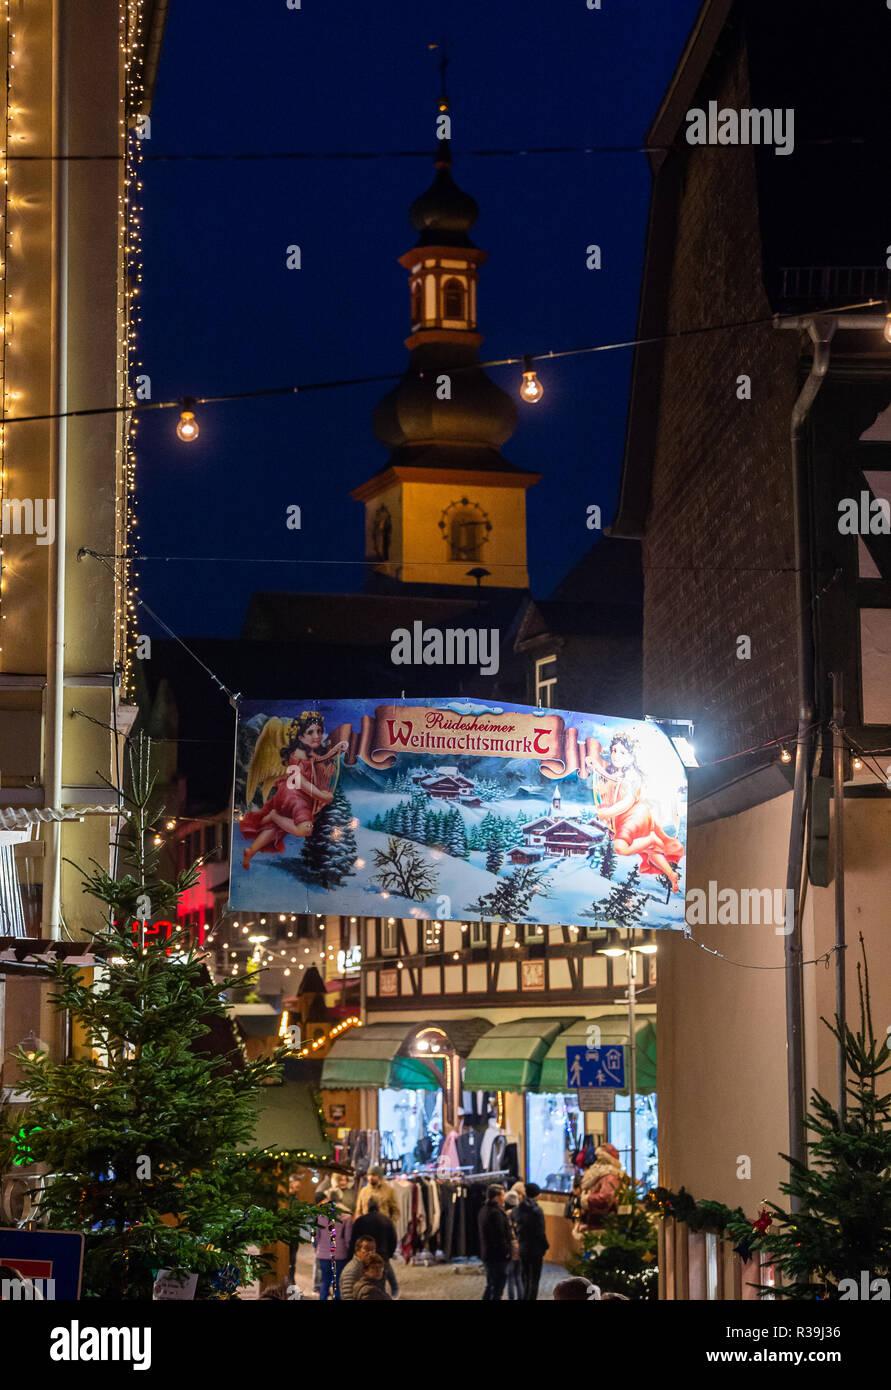 Weihnachtsmarkt Anfang.Hessen Rüdesheim Deutschland 22 Nov 2018 Ein Banner Mit Der